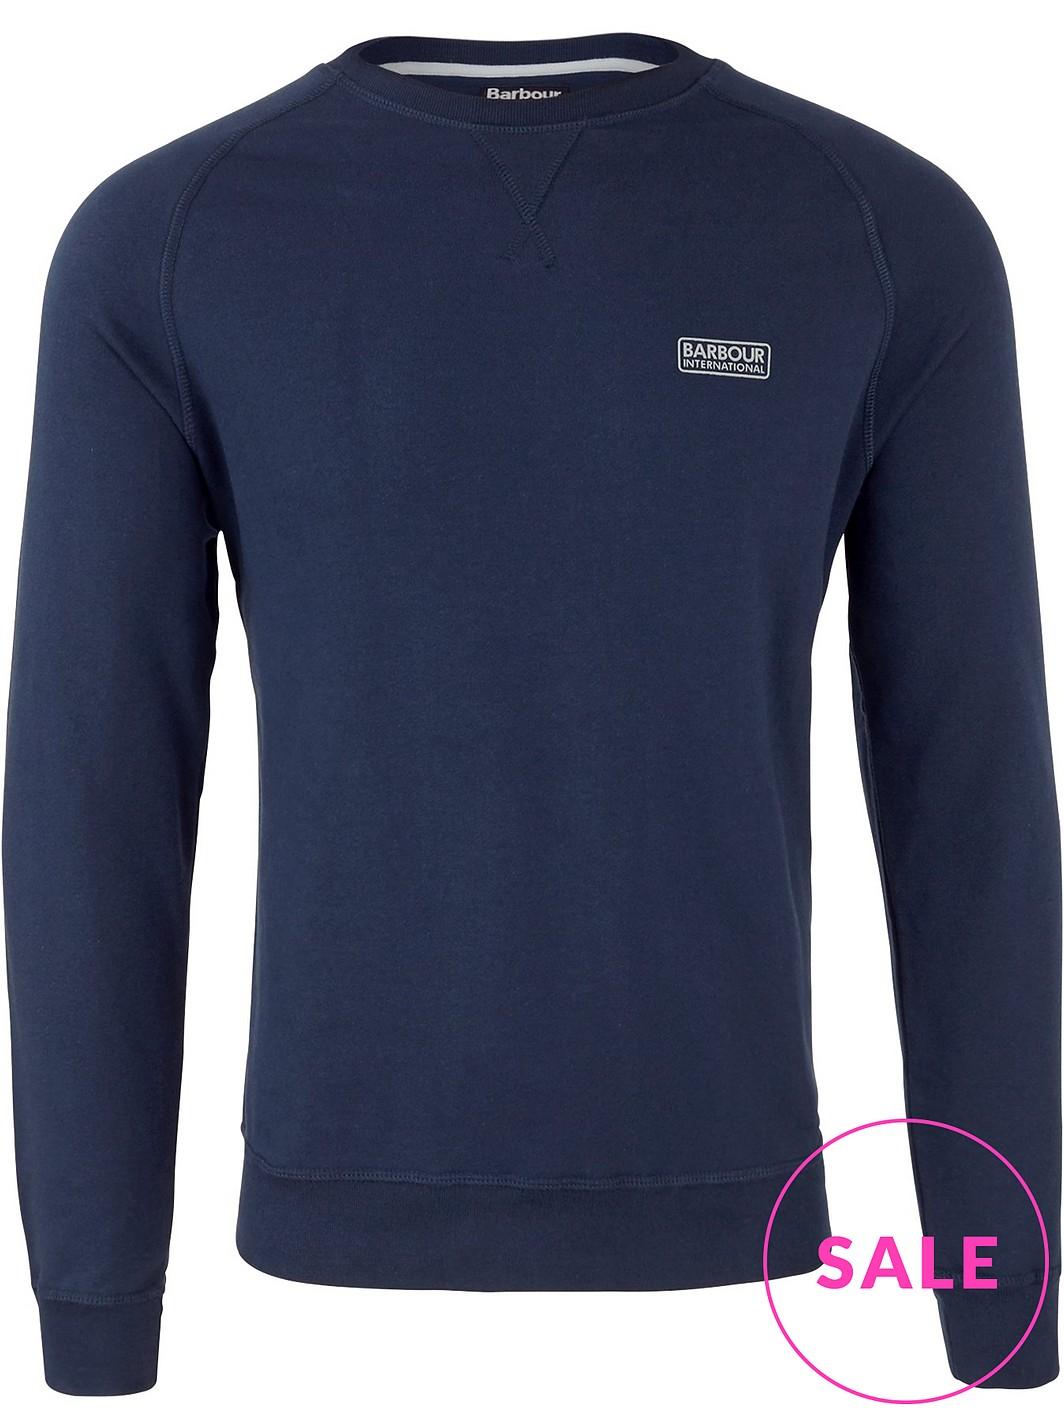 BARBOUR Small Logo Crew Neck Sweatshirt Navy (S/M left) - £35 @ Very Exclusive